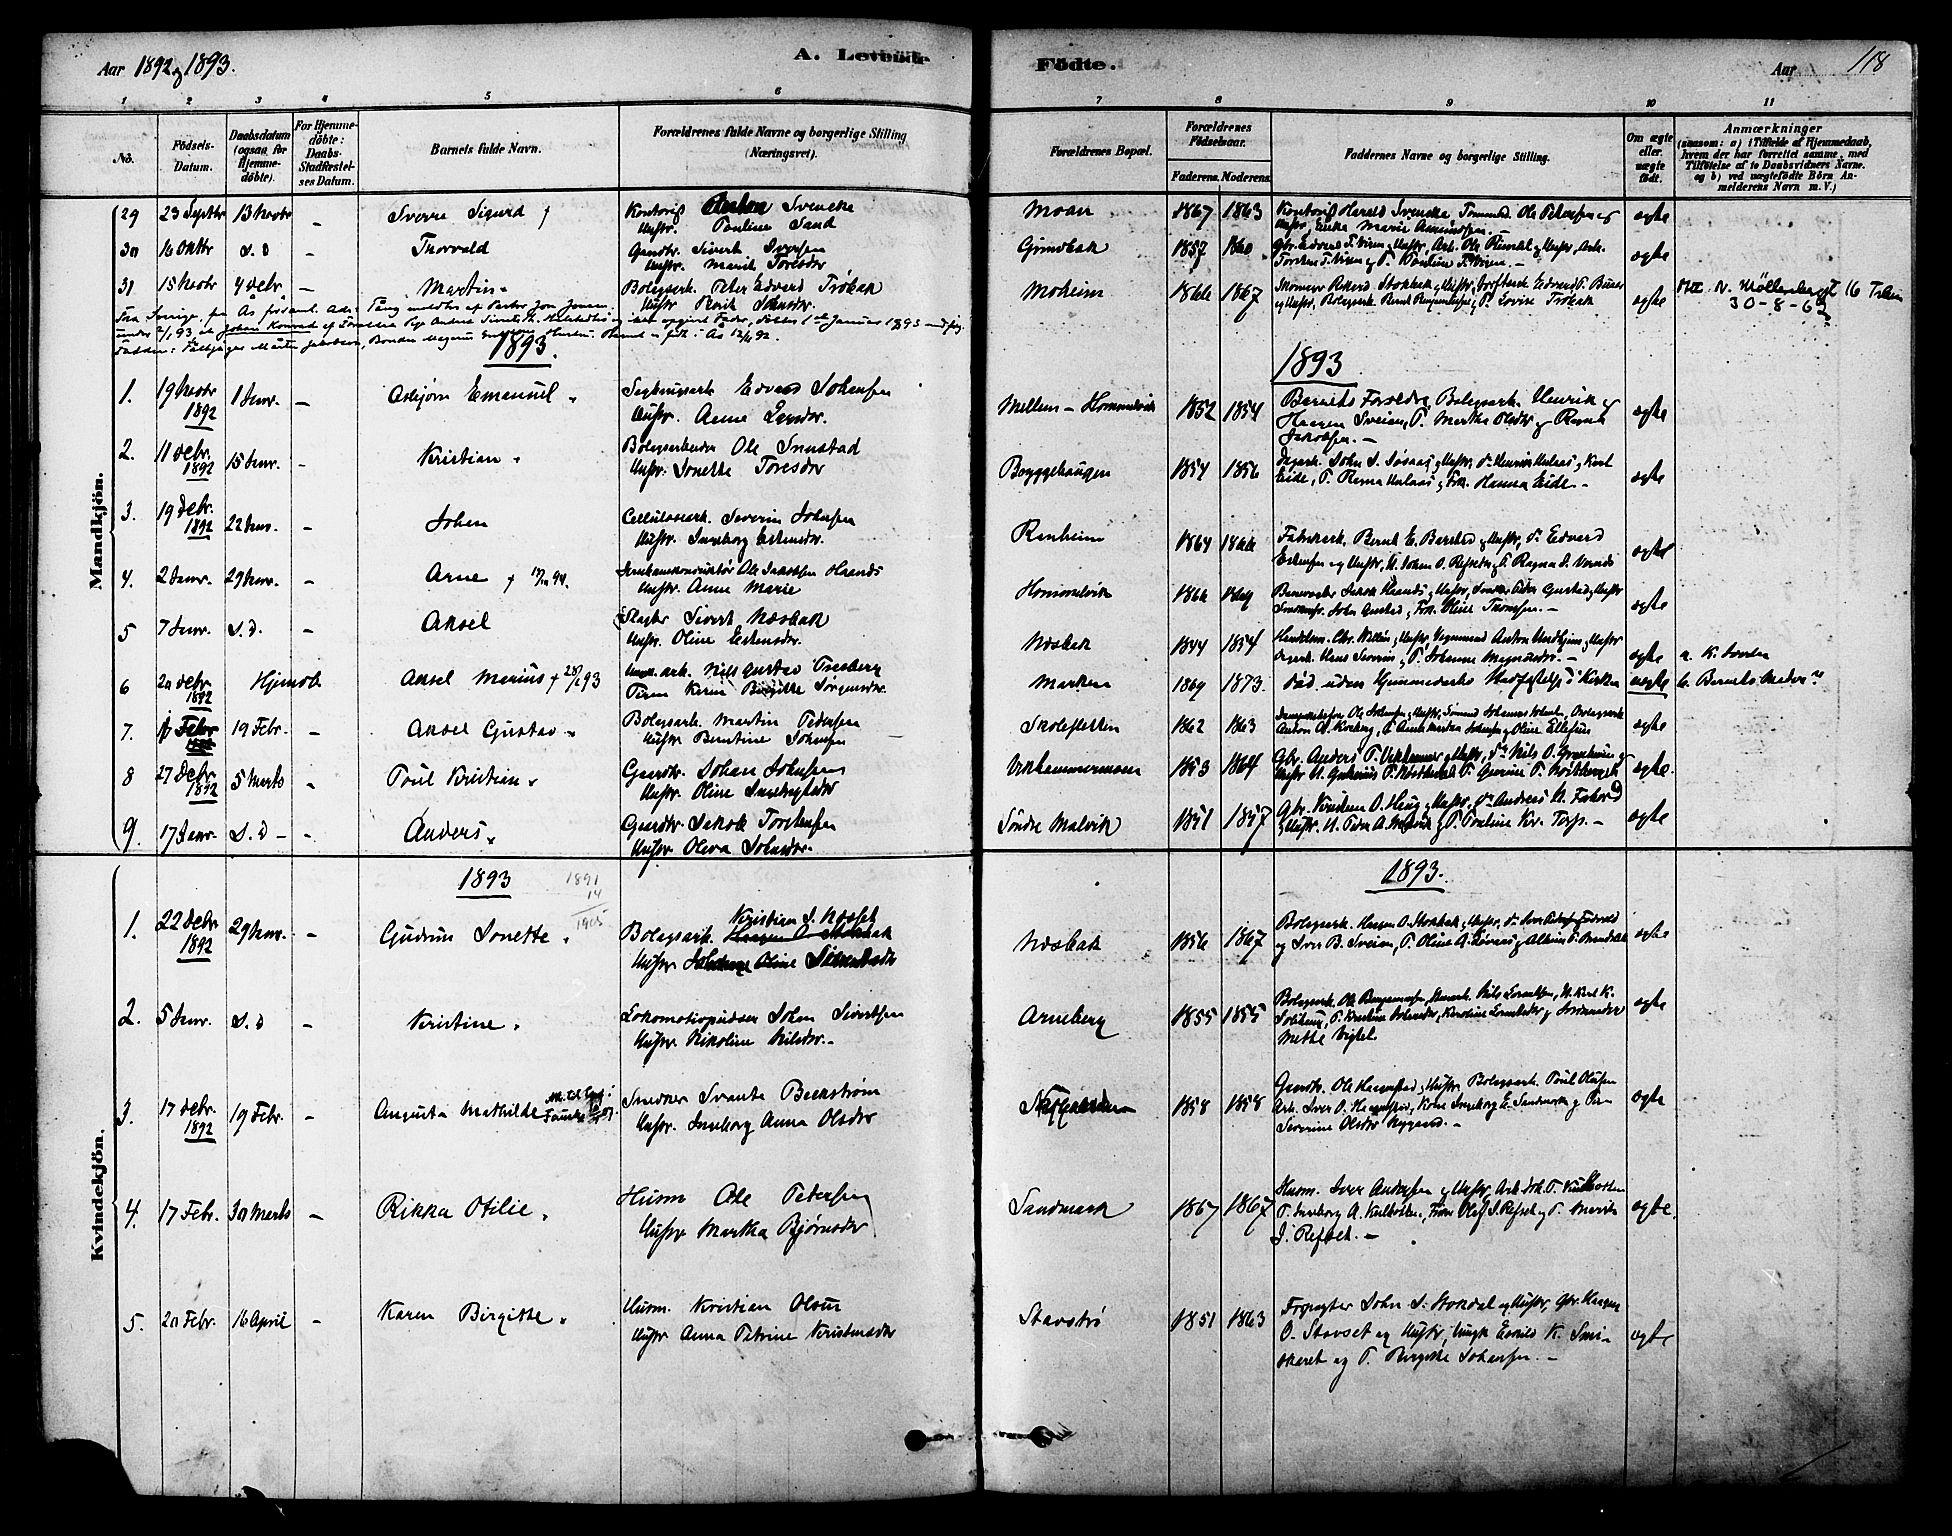 SAT, Ministerialprotokoller, klokkerbøker og fødselsregistre - Sør-Trøndelag, 616/L0410: Ministerialbok nr. 616A07, 1878-1893, s. 118